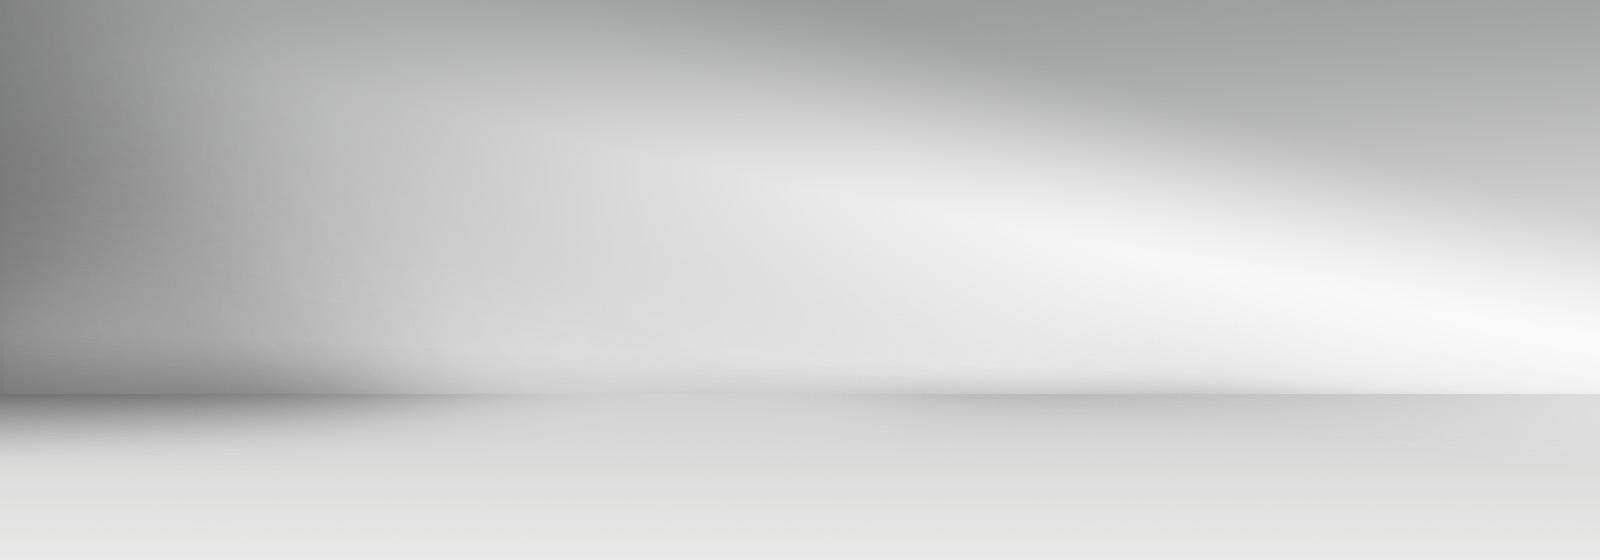 Pannelli radianti riscaldamento e risparmio energetico for Stufa radiante a risparmio energetico